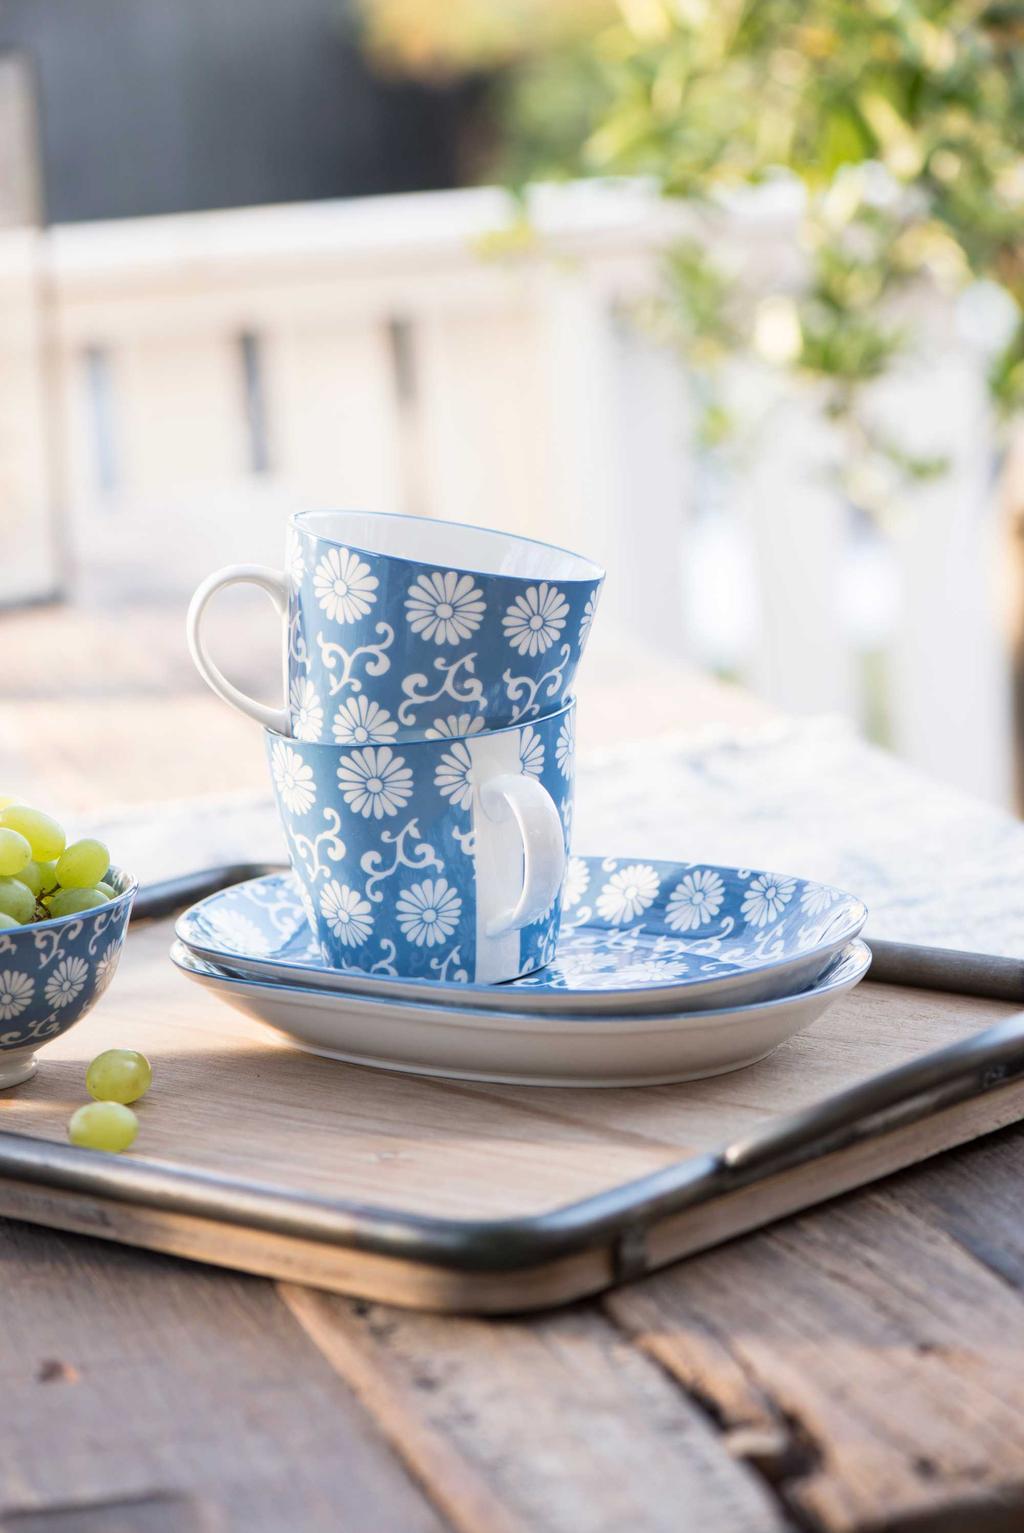 voorjaarstafel ib laursen kleurrijk servies blauw